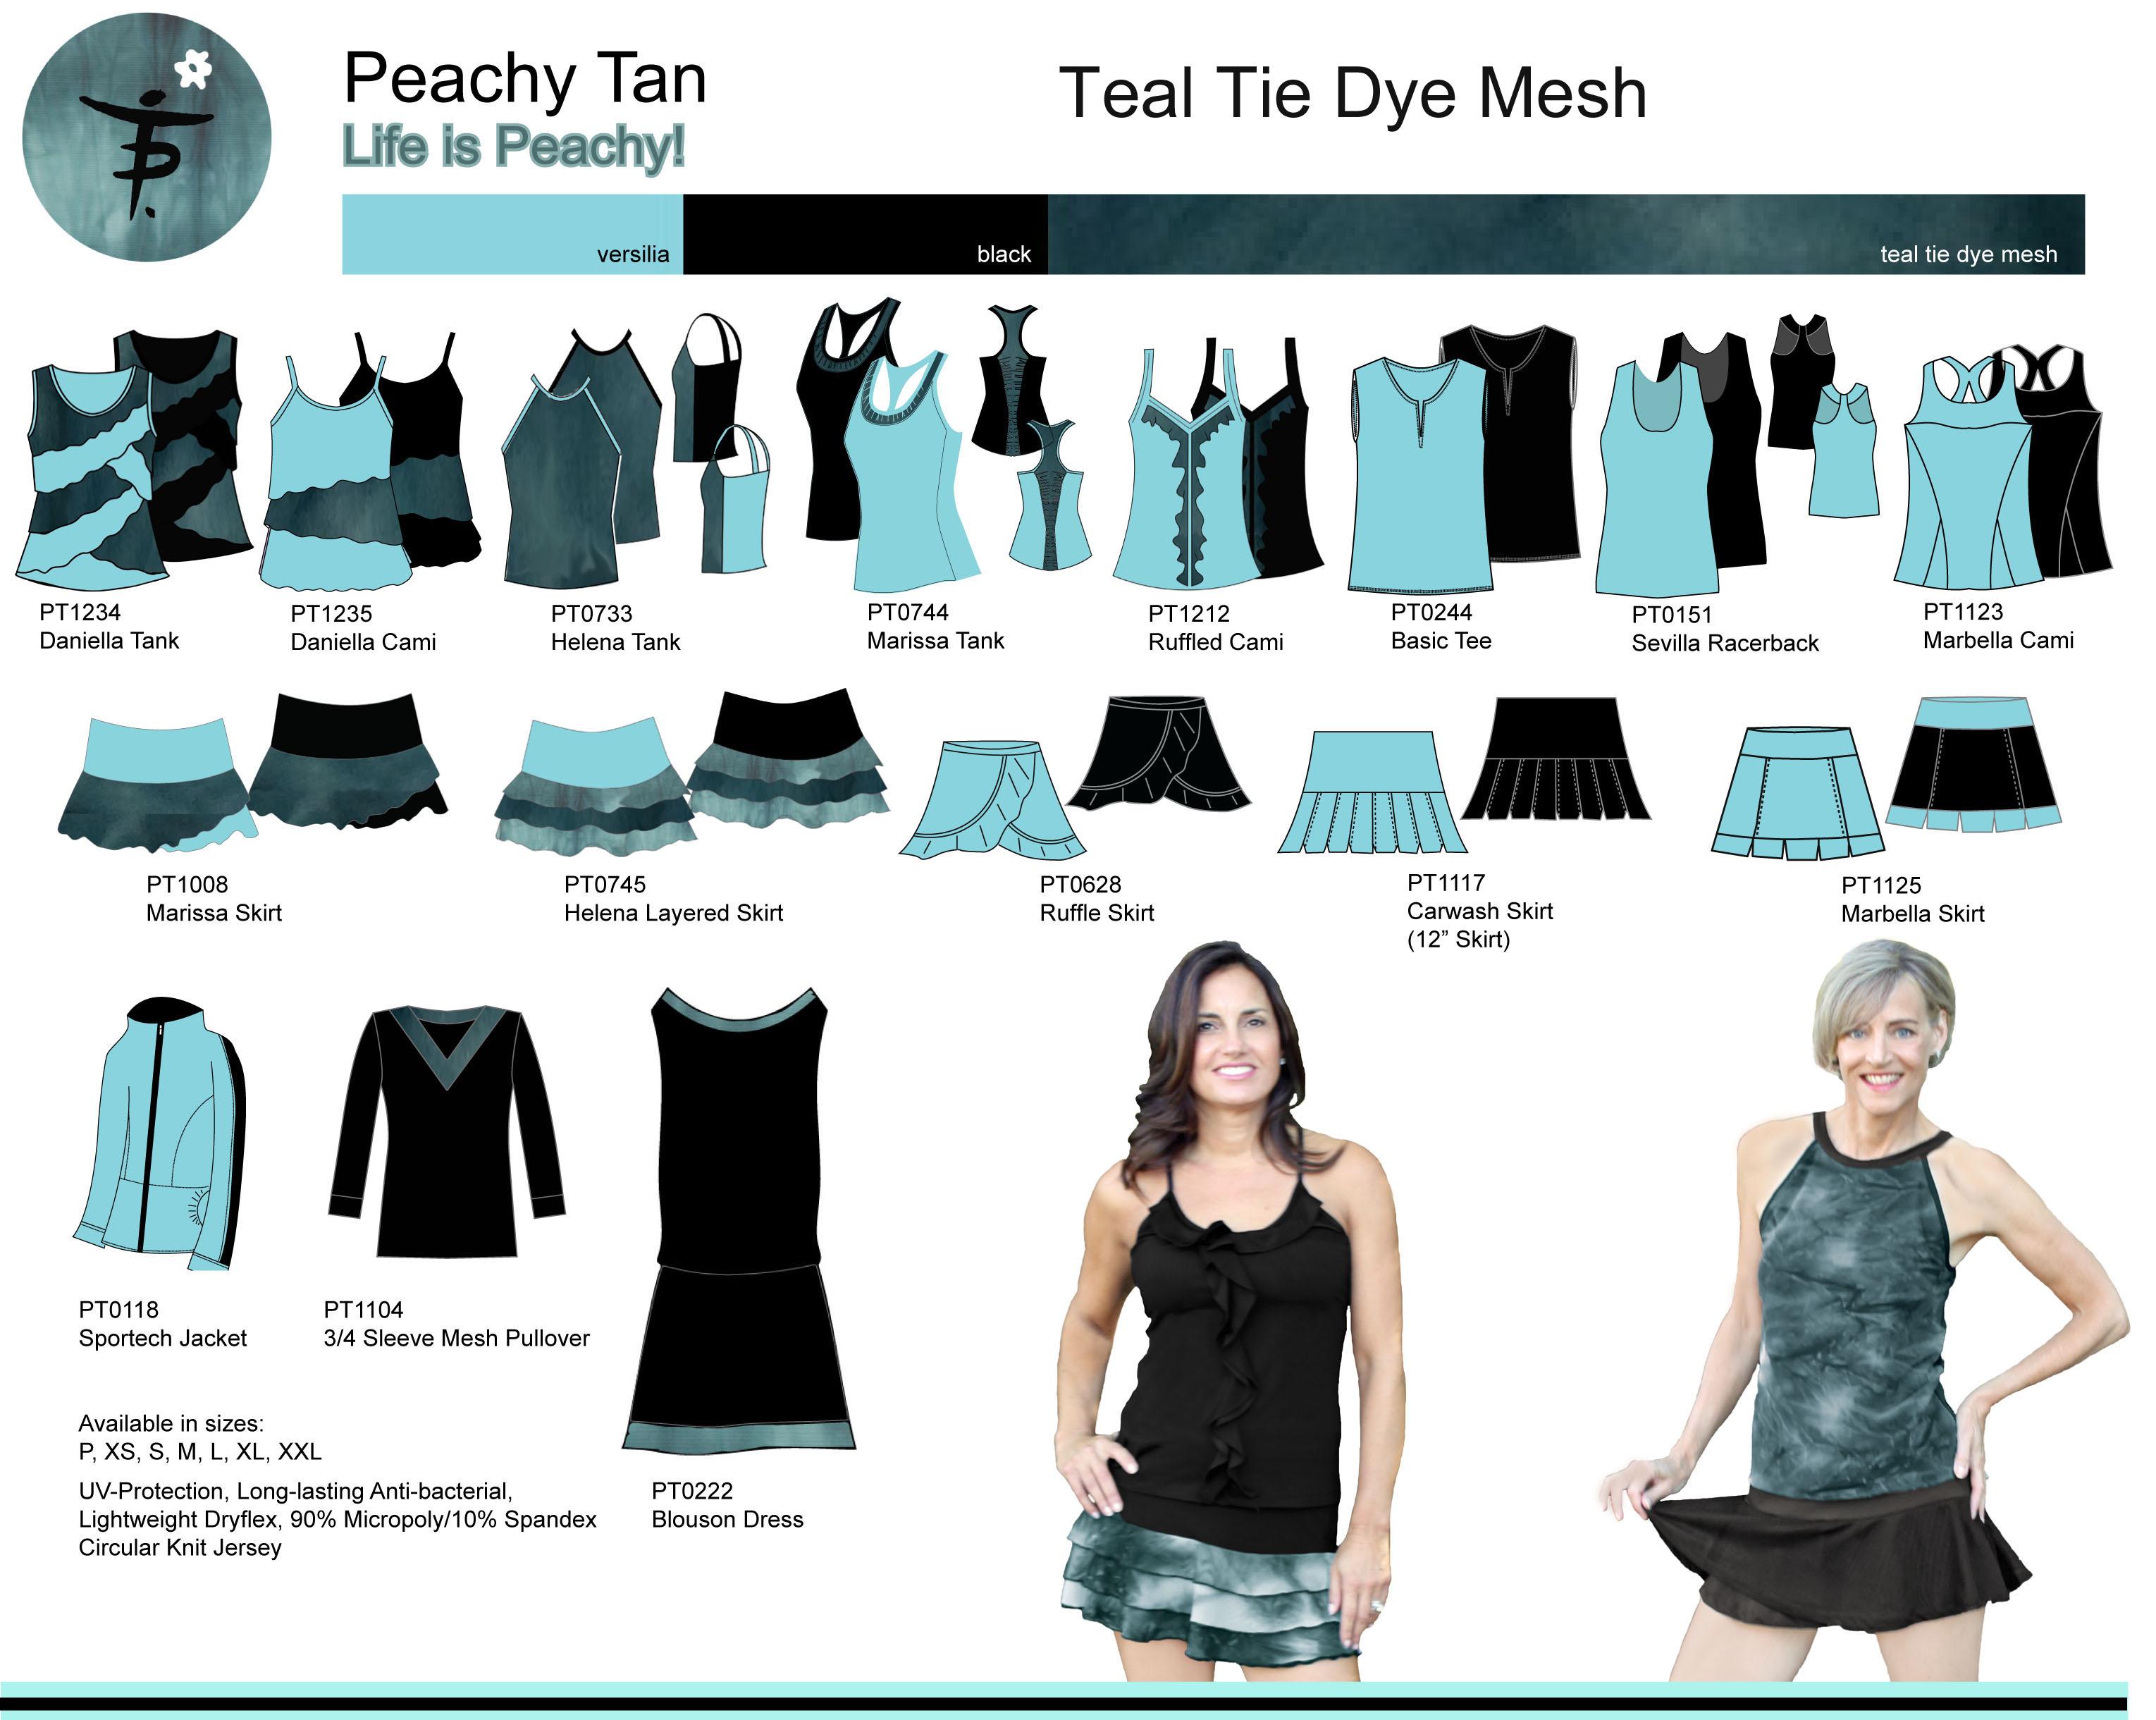 versiia-black-teal-tie-dye-mesh-1-edited-2.jpg